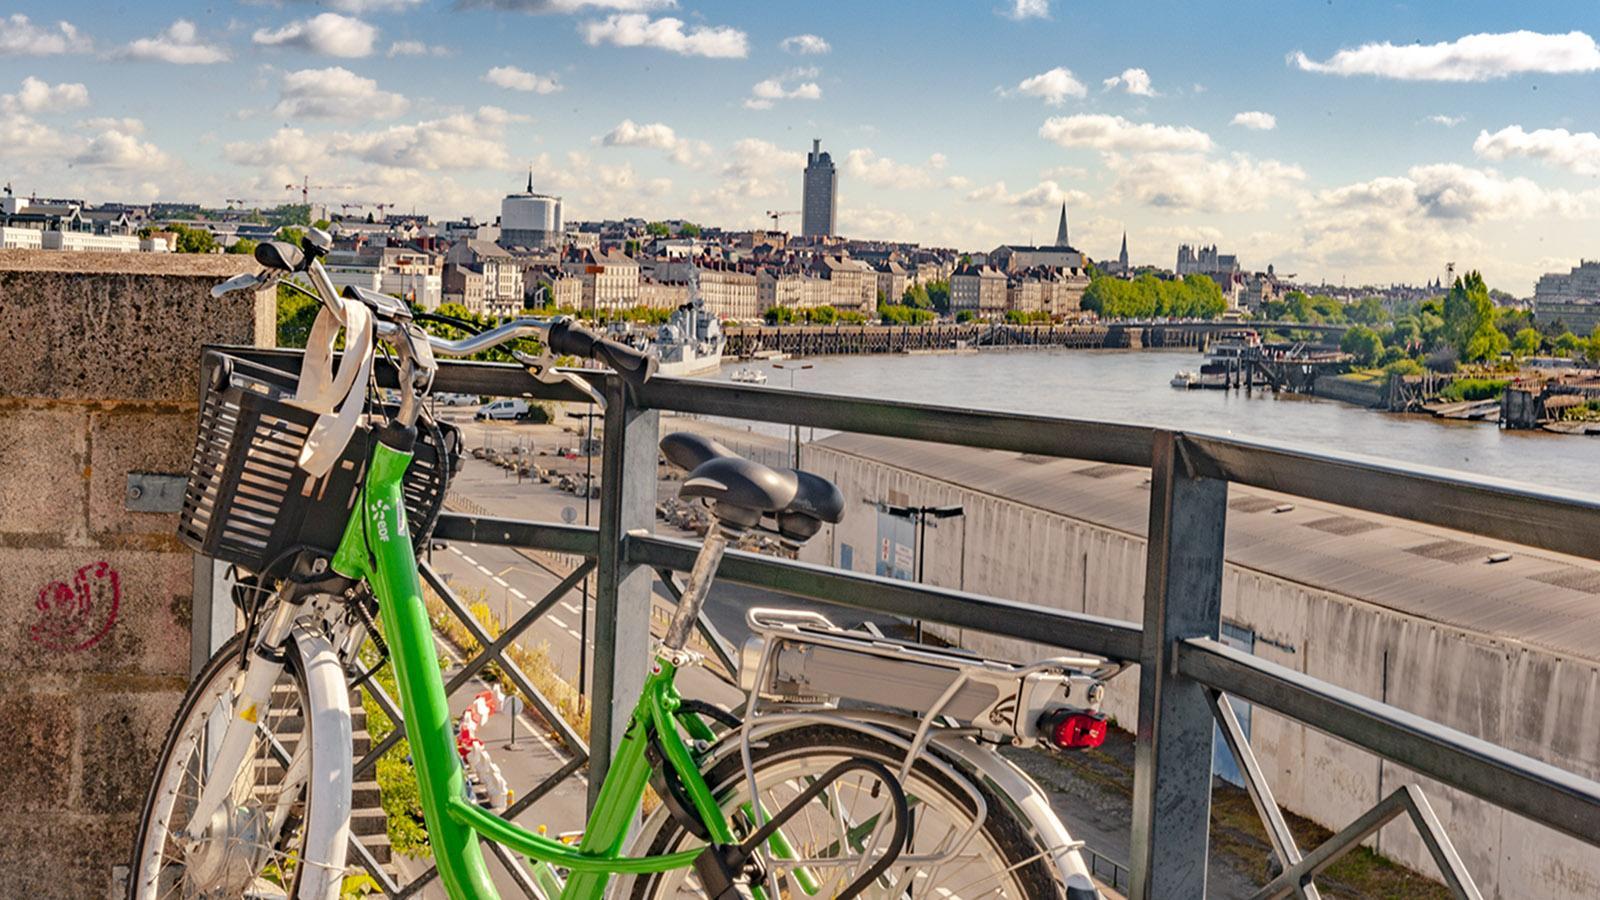 Mit dem Stadtrad lässt sich Nantes perfekt erkunden. Foto: Hilke Maunder